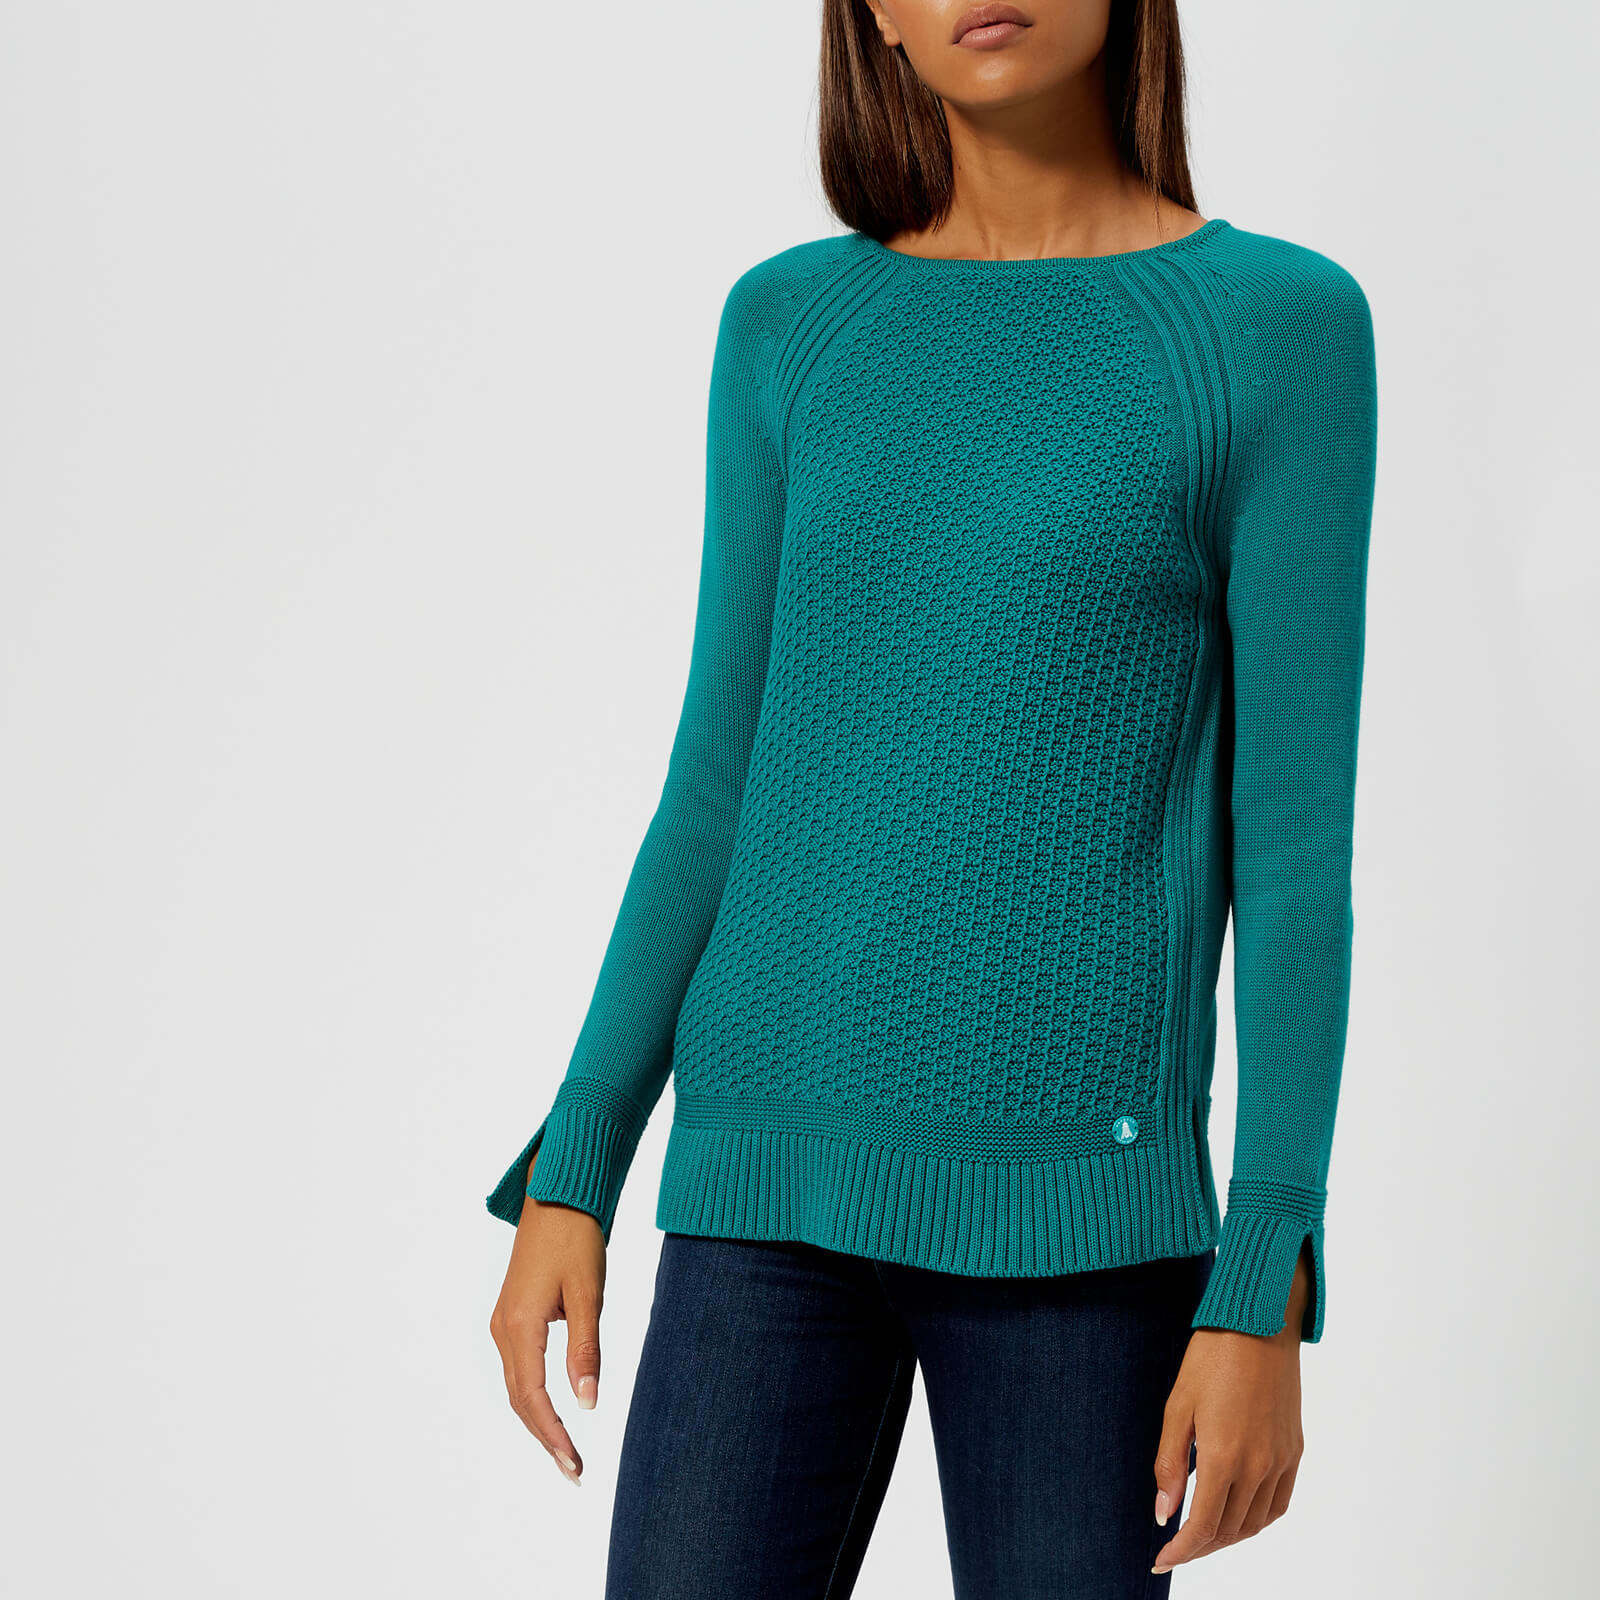 18d6350e5dfaf8 Barbour Women's Bridport Knitted Jumper - Seaglass Womens Clothing |  TheHut.com